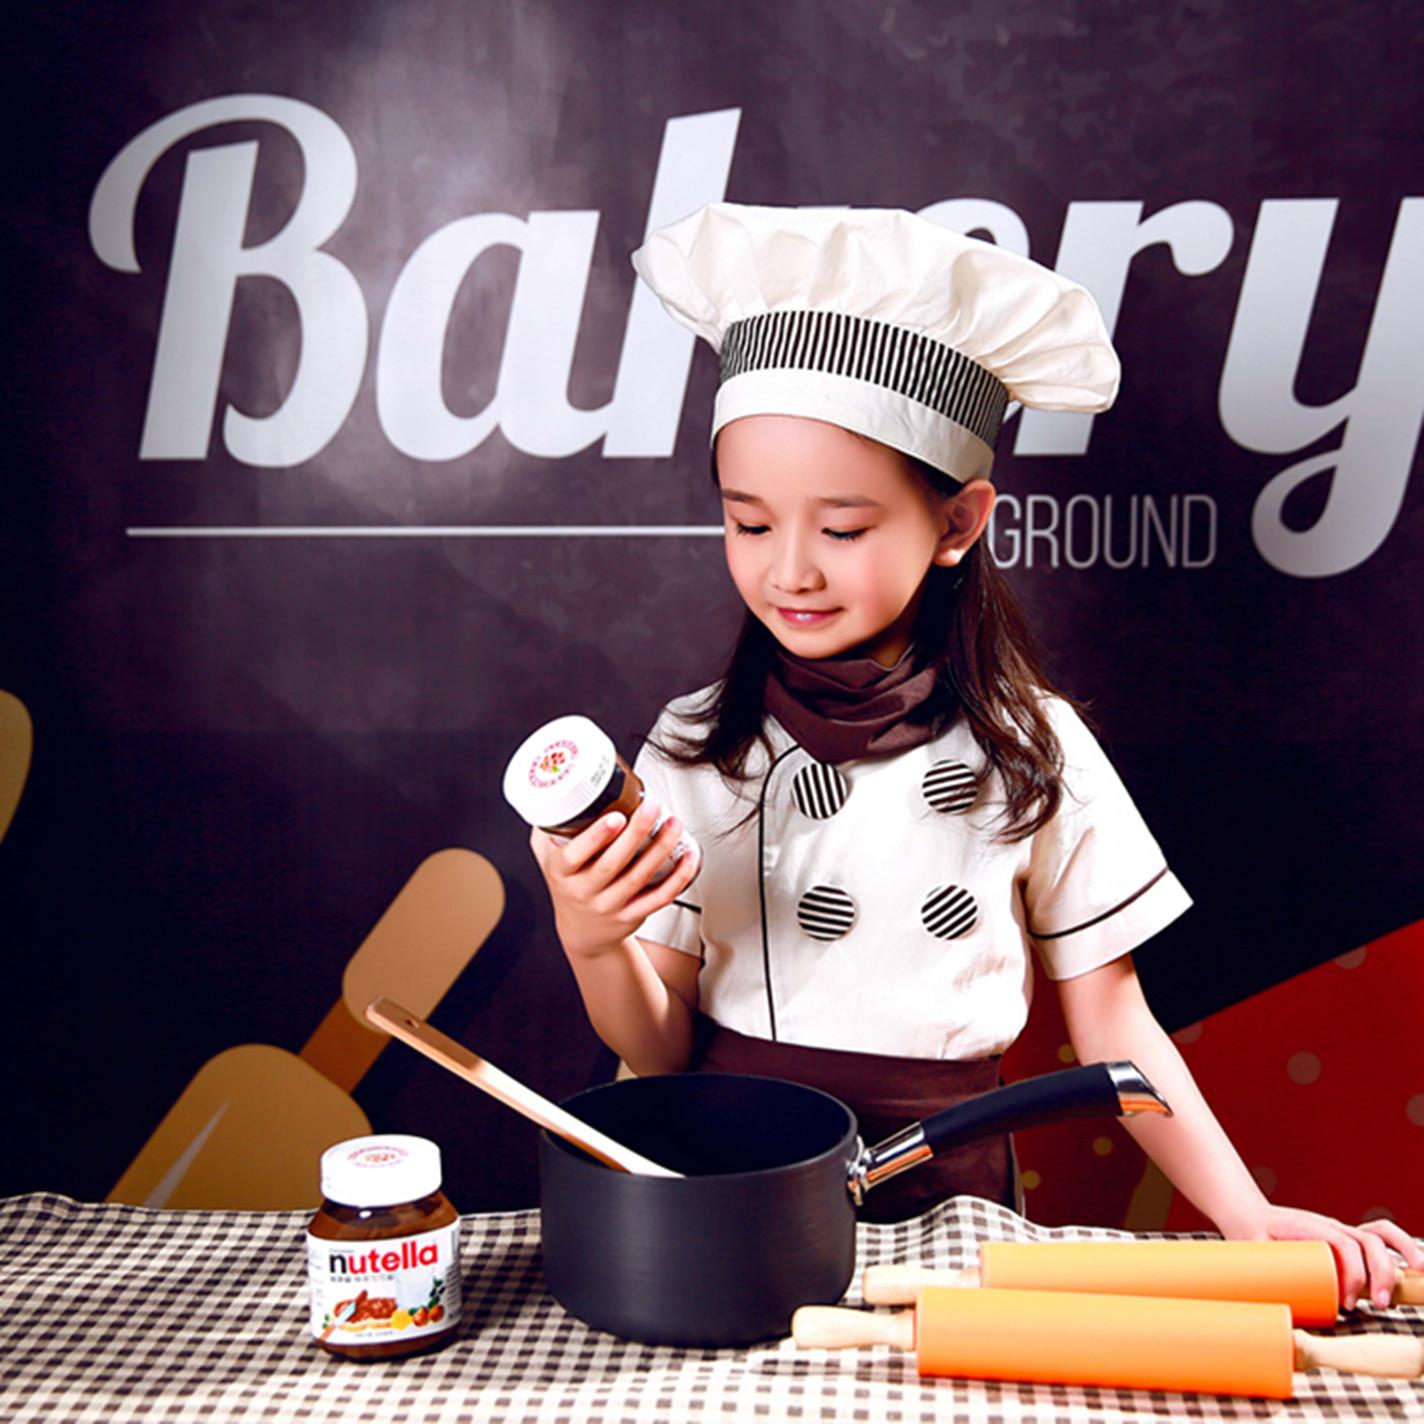 角色扮演简笔画_热卖六一亲子厨师服演出服儿童幼儿小厨师服装cos厨师角色扮演衣服